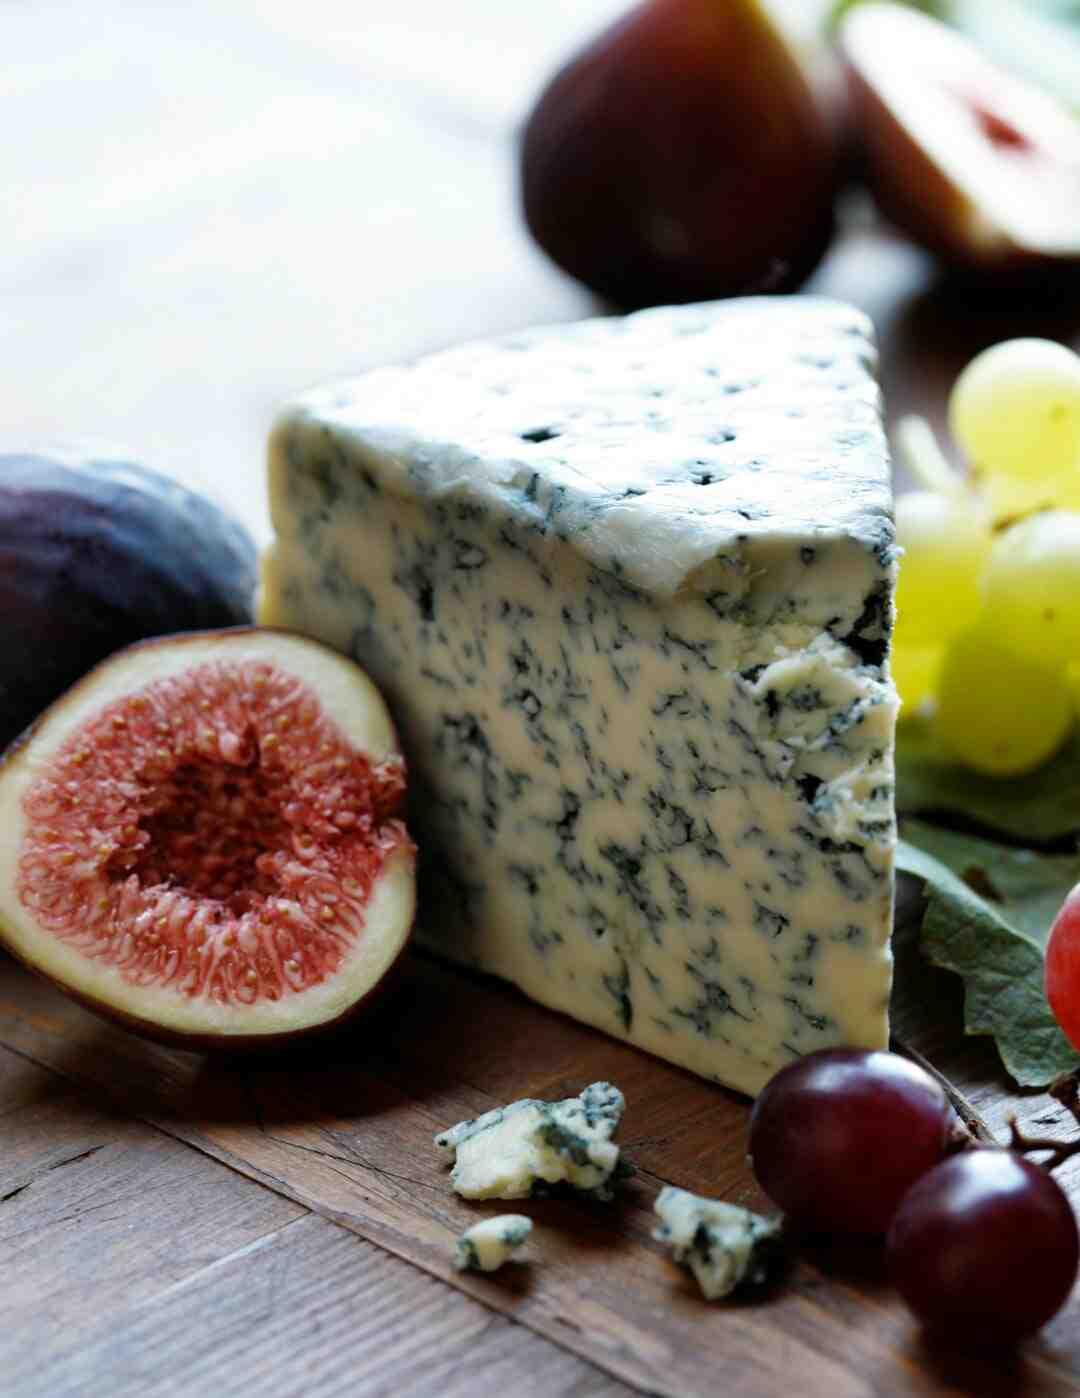 Comment savoir si mon fromage est périmé ?